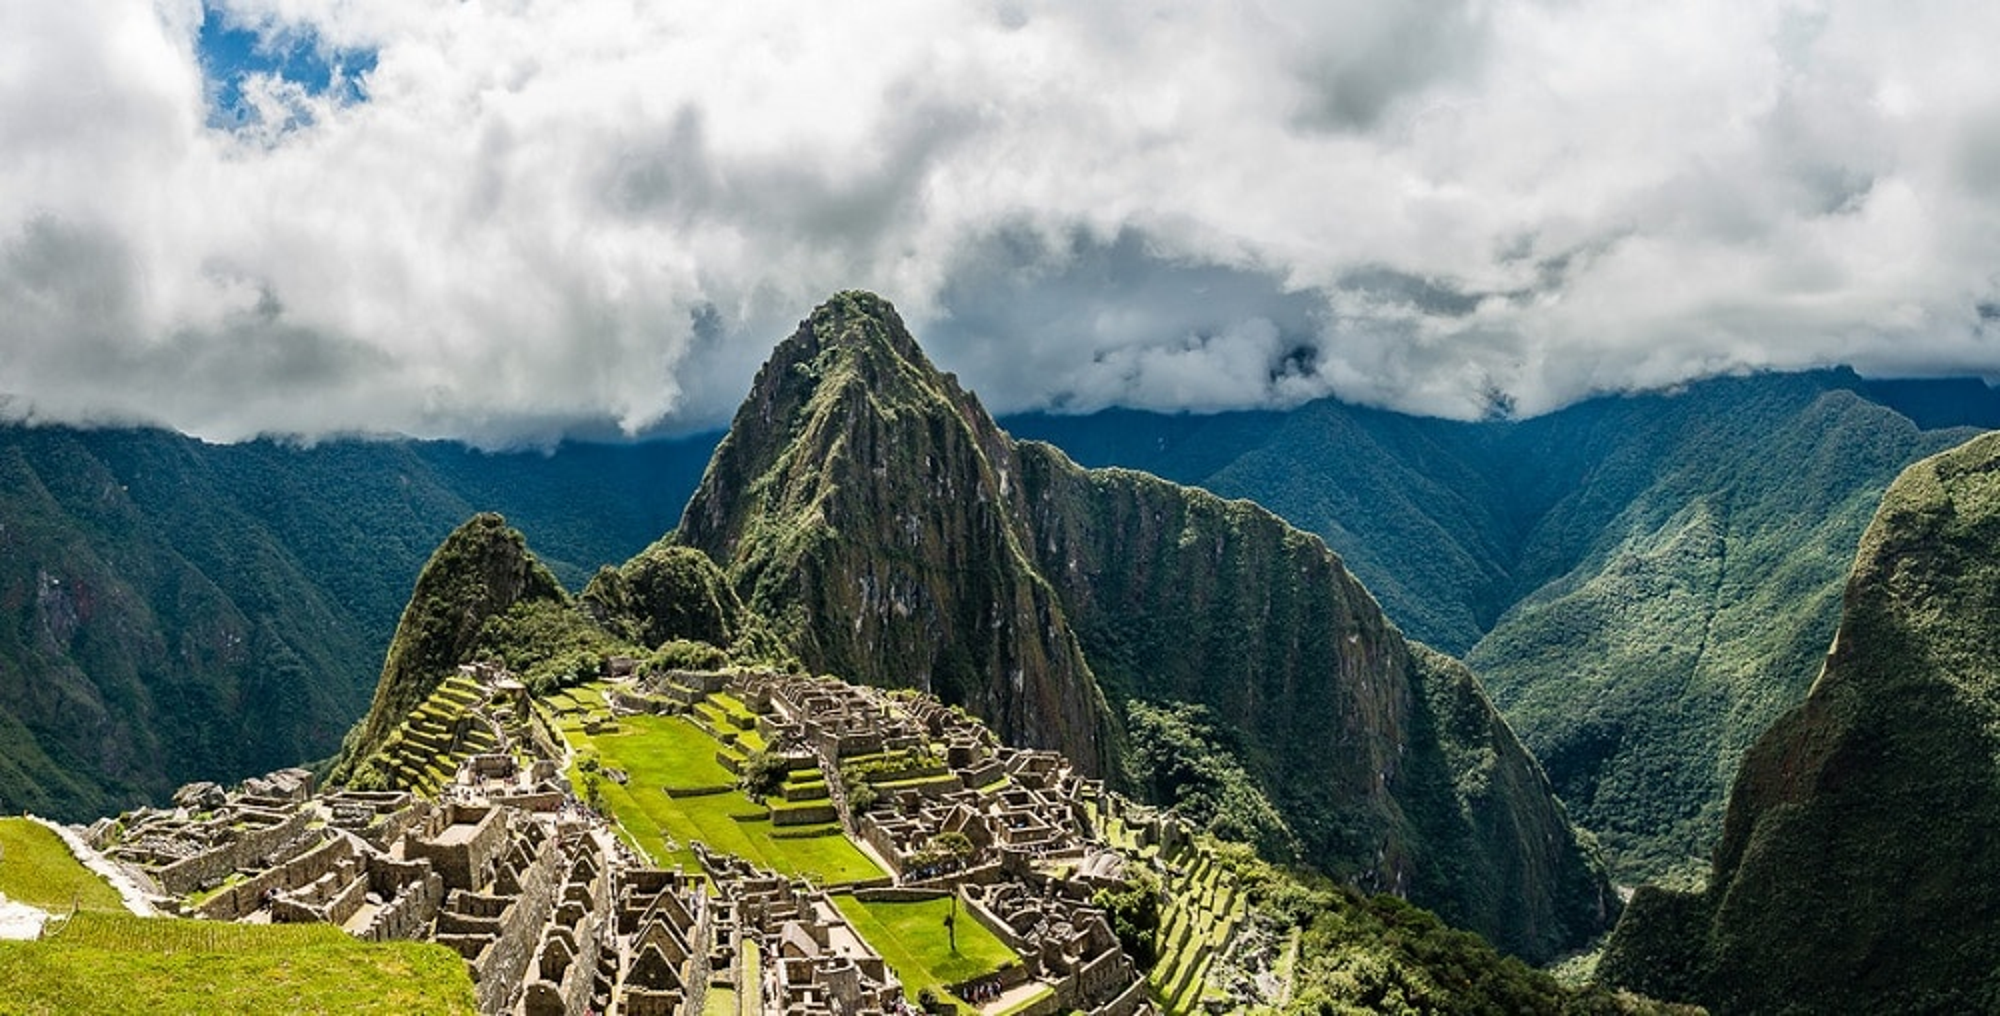 Visiter Machu Picchu